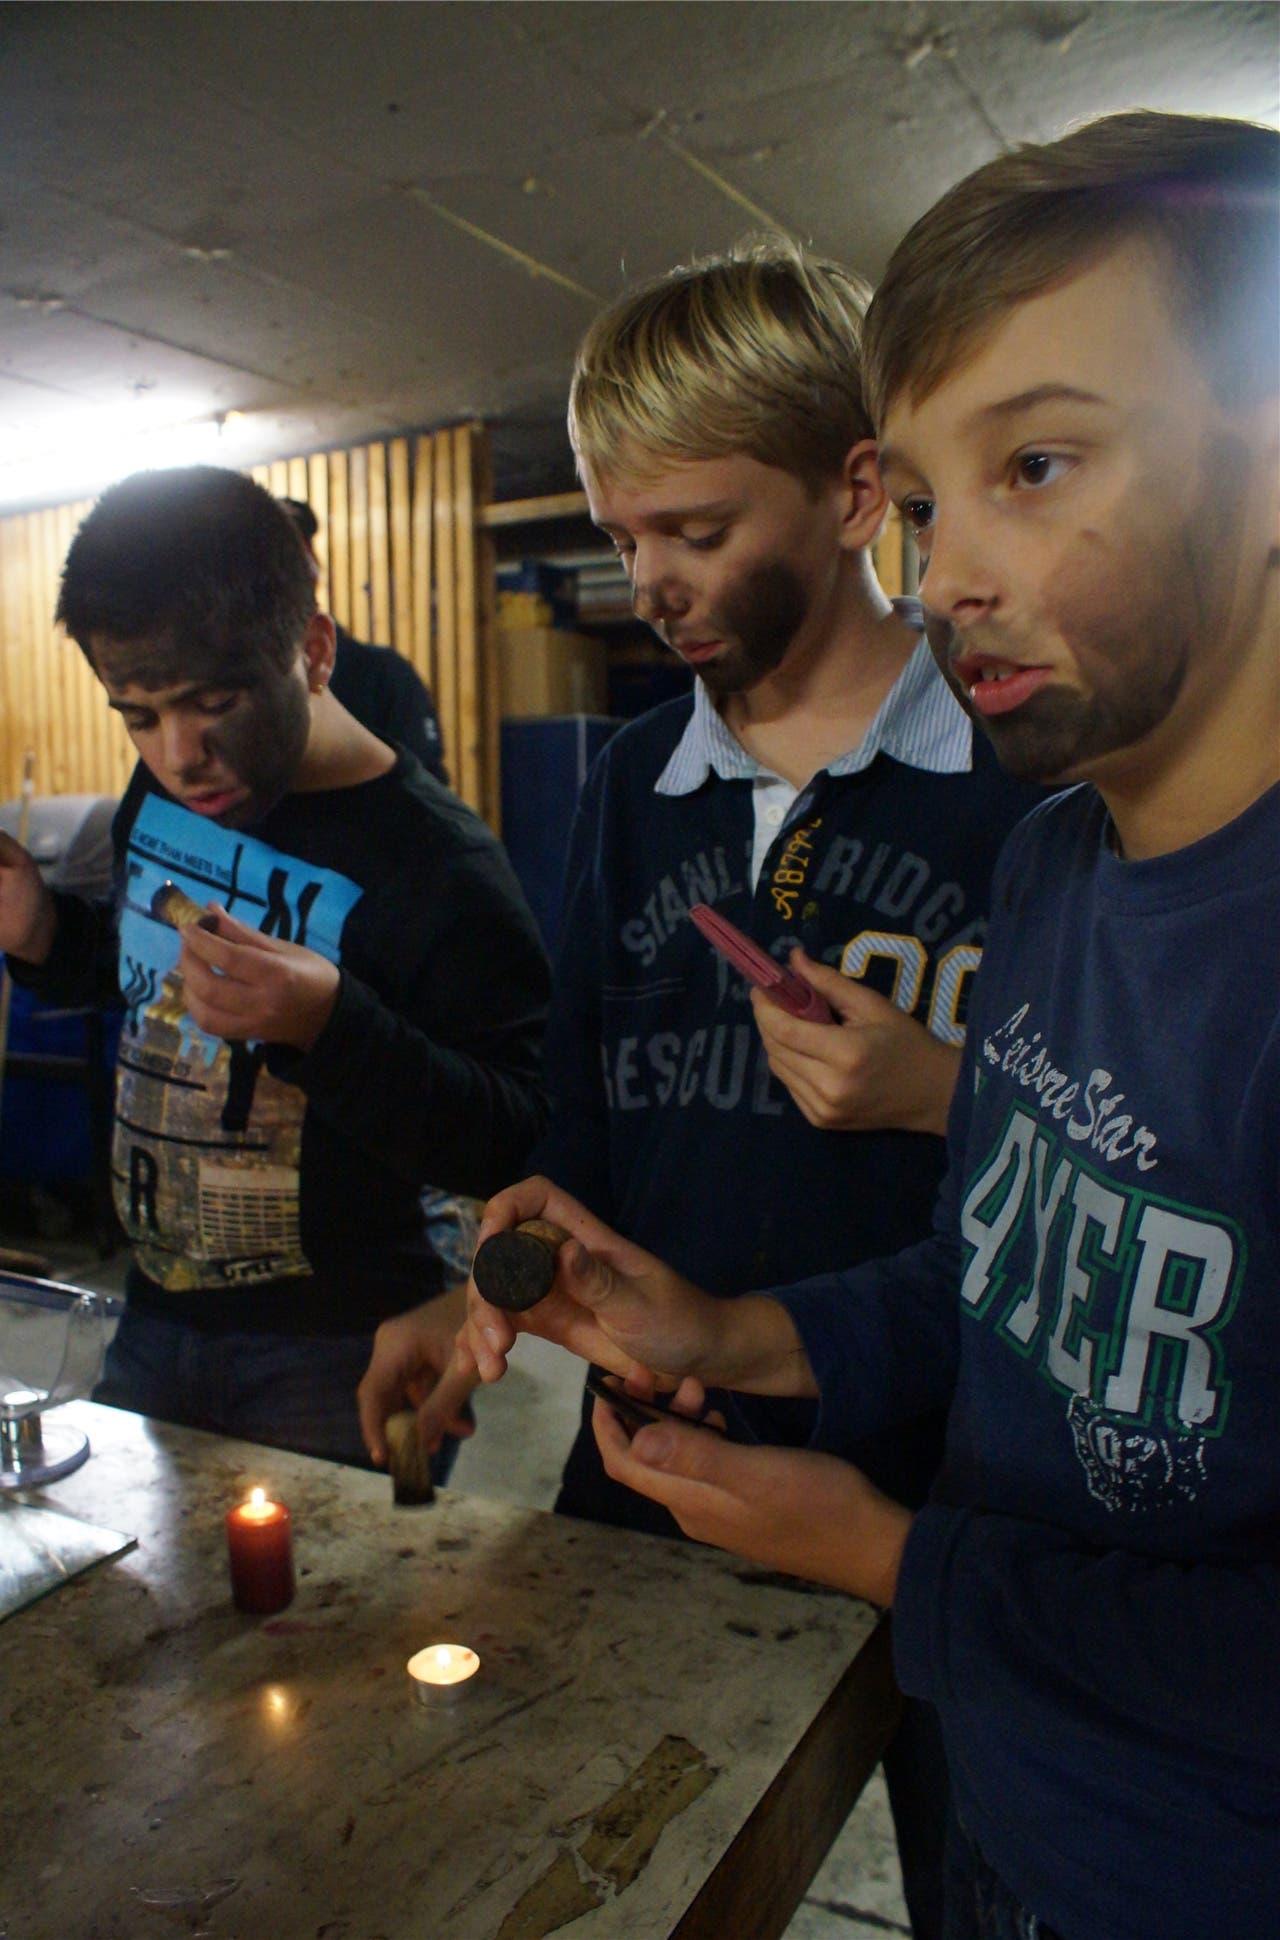 Kerze, Korkzapfen und Spiegel. Mehr braucht es für die künftigen Schmutzli nicht zum Schwärzen.